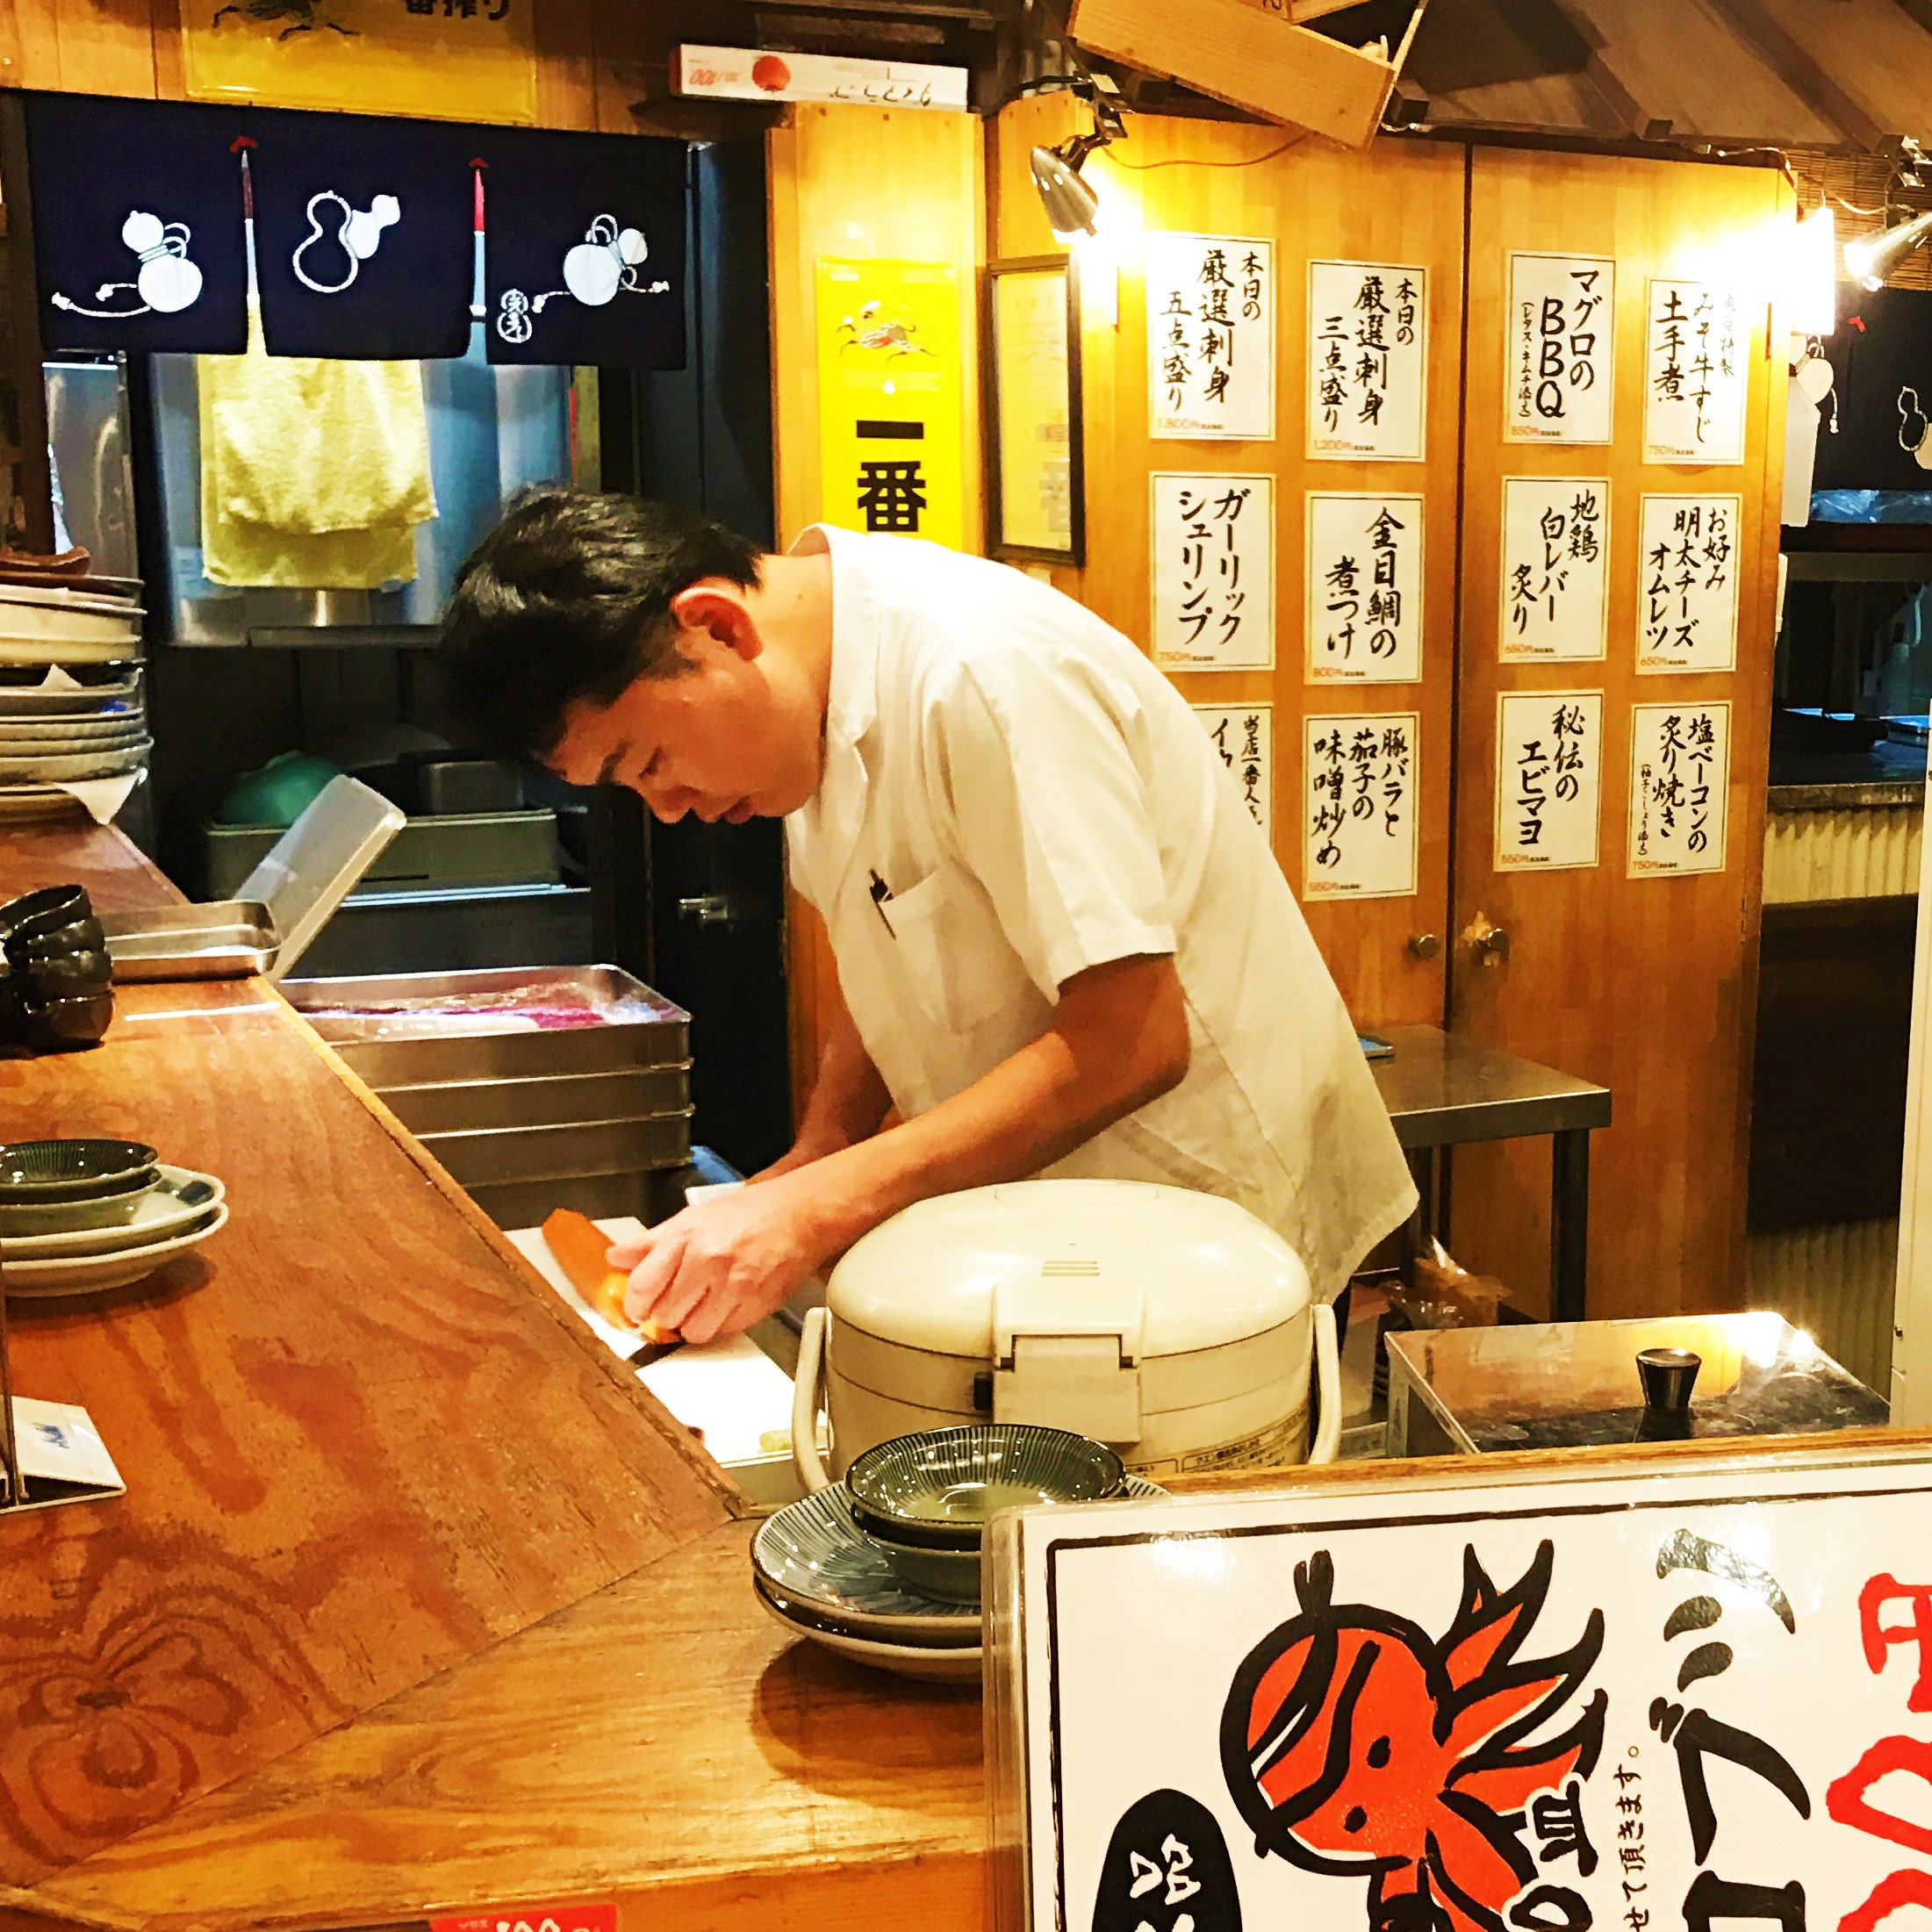 【ステップアップしたい方必見】九州の厳選食材に囲まれるキッチンバイト♪日払いOK!